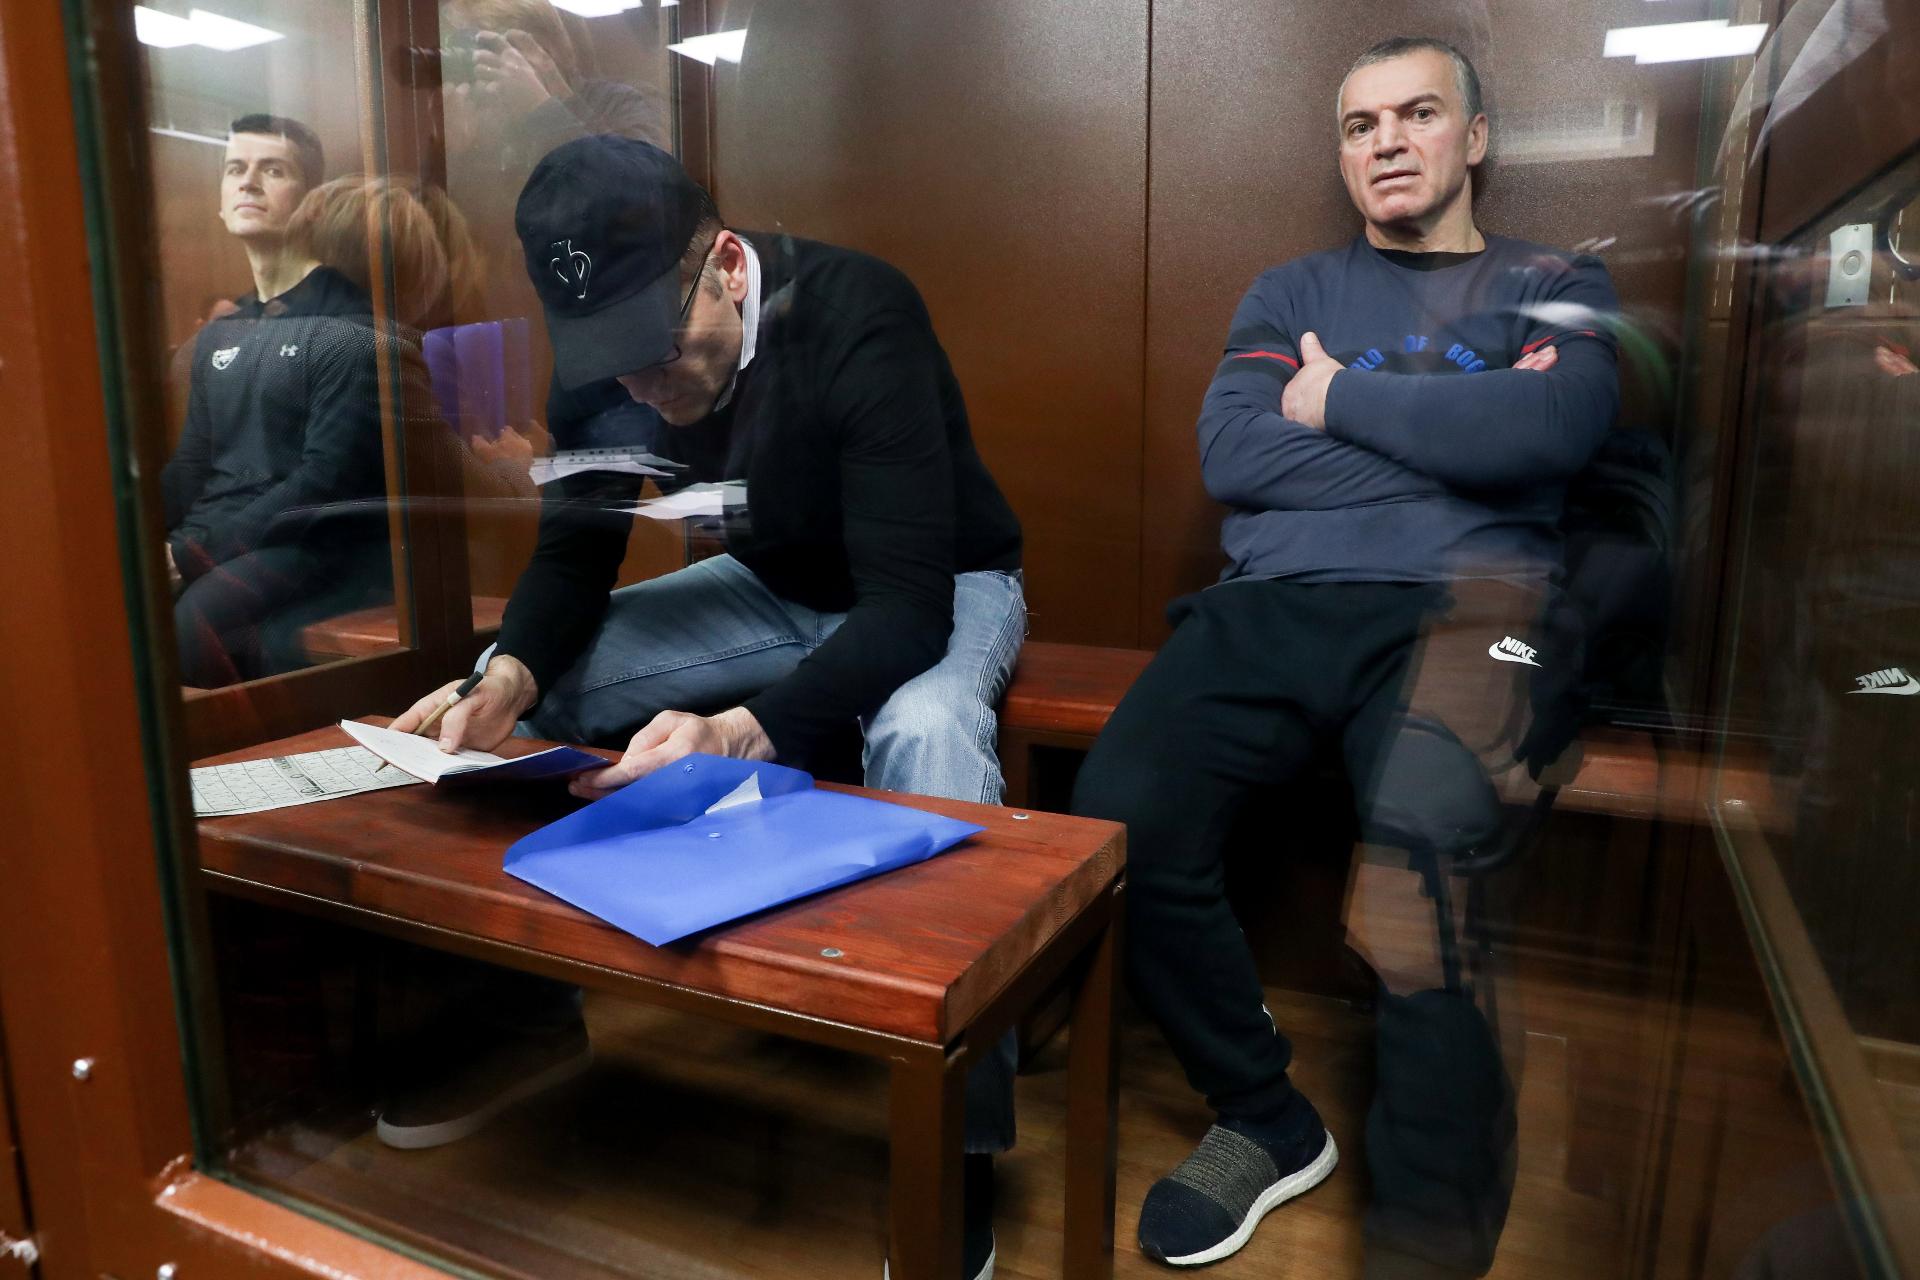 Зиявудин Магомедов, Магомед Магомедов и Артур Максидов (слева направо)